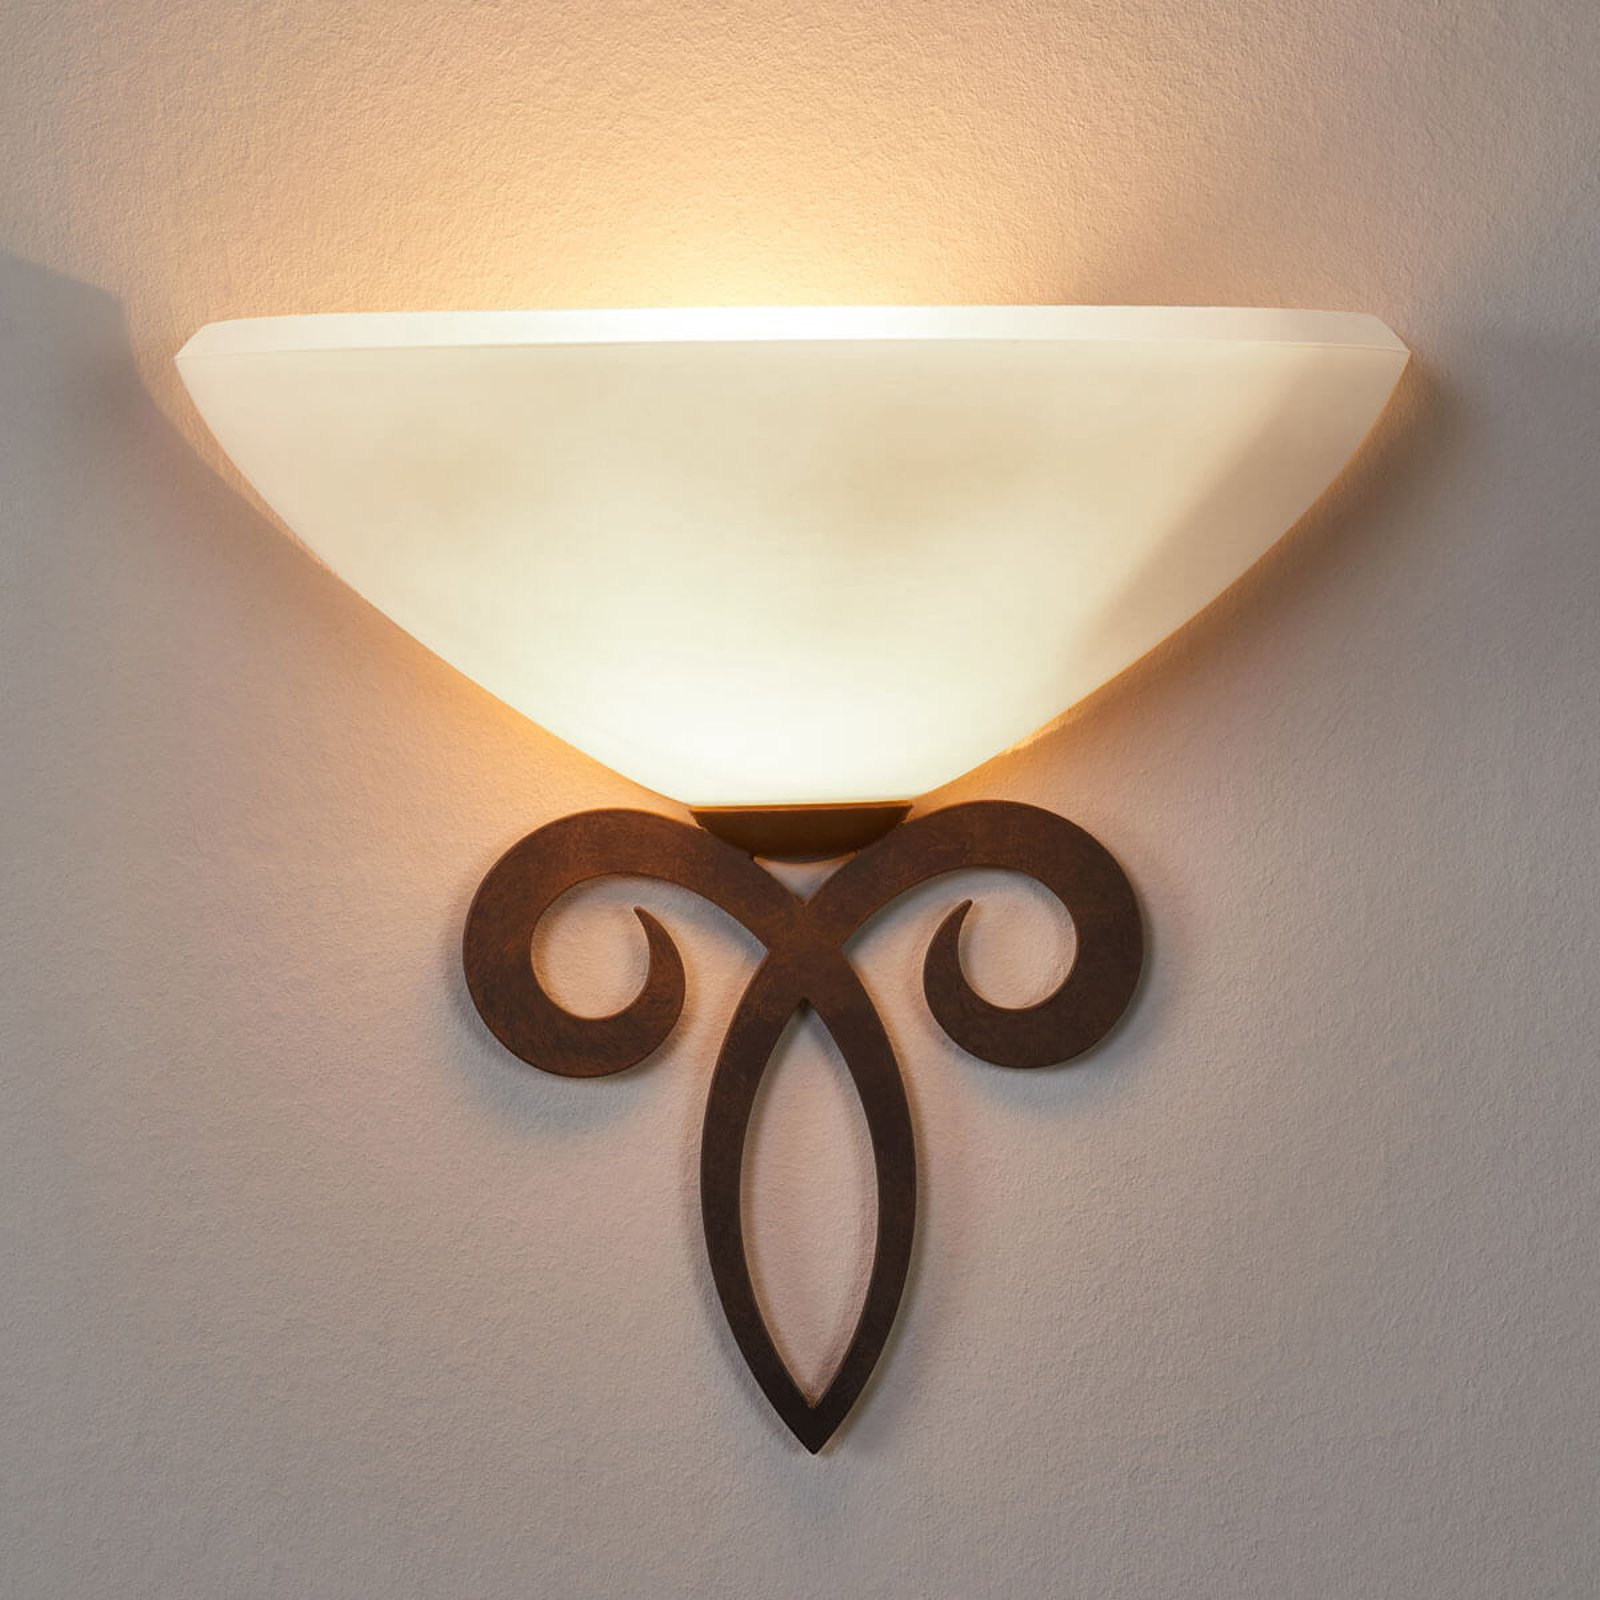 Vegglampe Luca av glass i landstil hvit